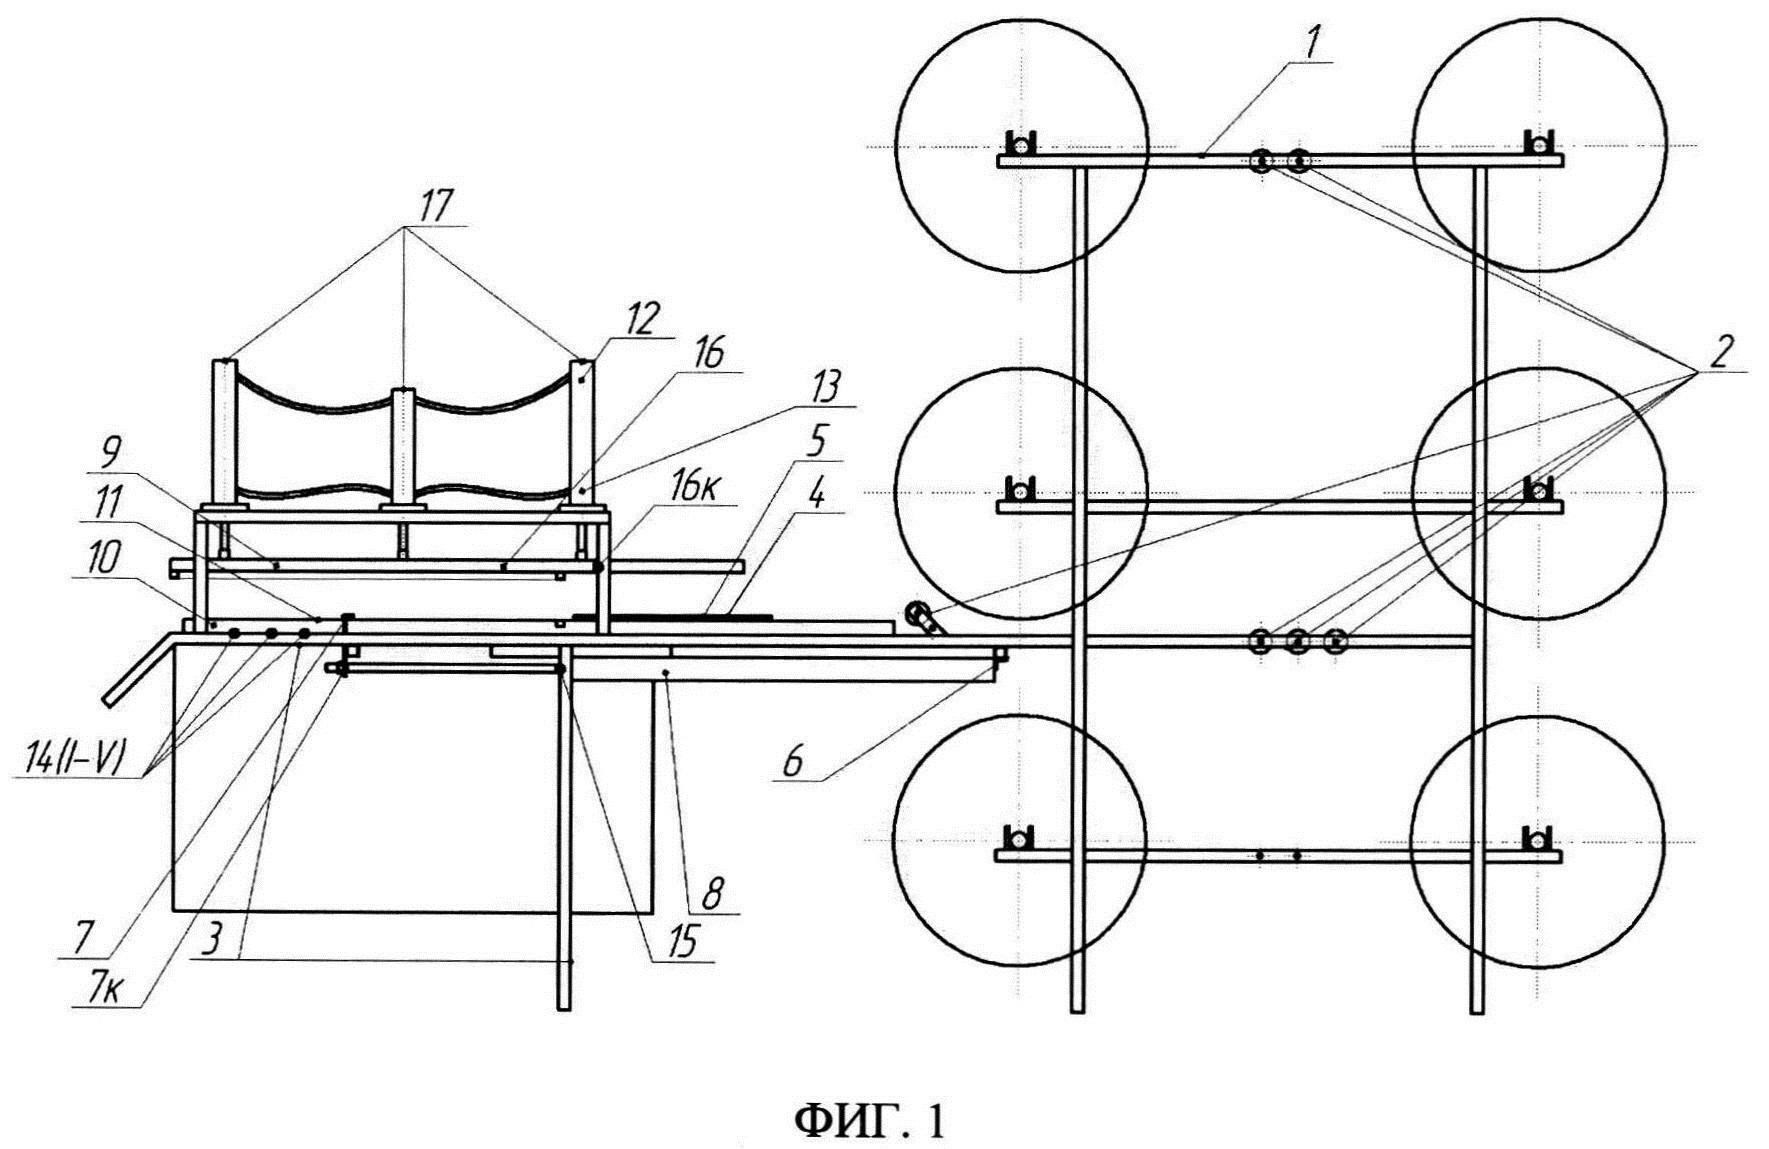 Устройство для изготовления заготовок термопластичных мешков для пылесосов и способ изготовления заготовок термопластичных мешков для пылесосов, осуществляемый на нем